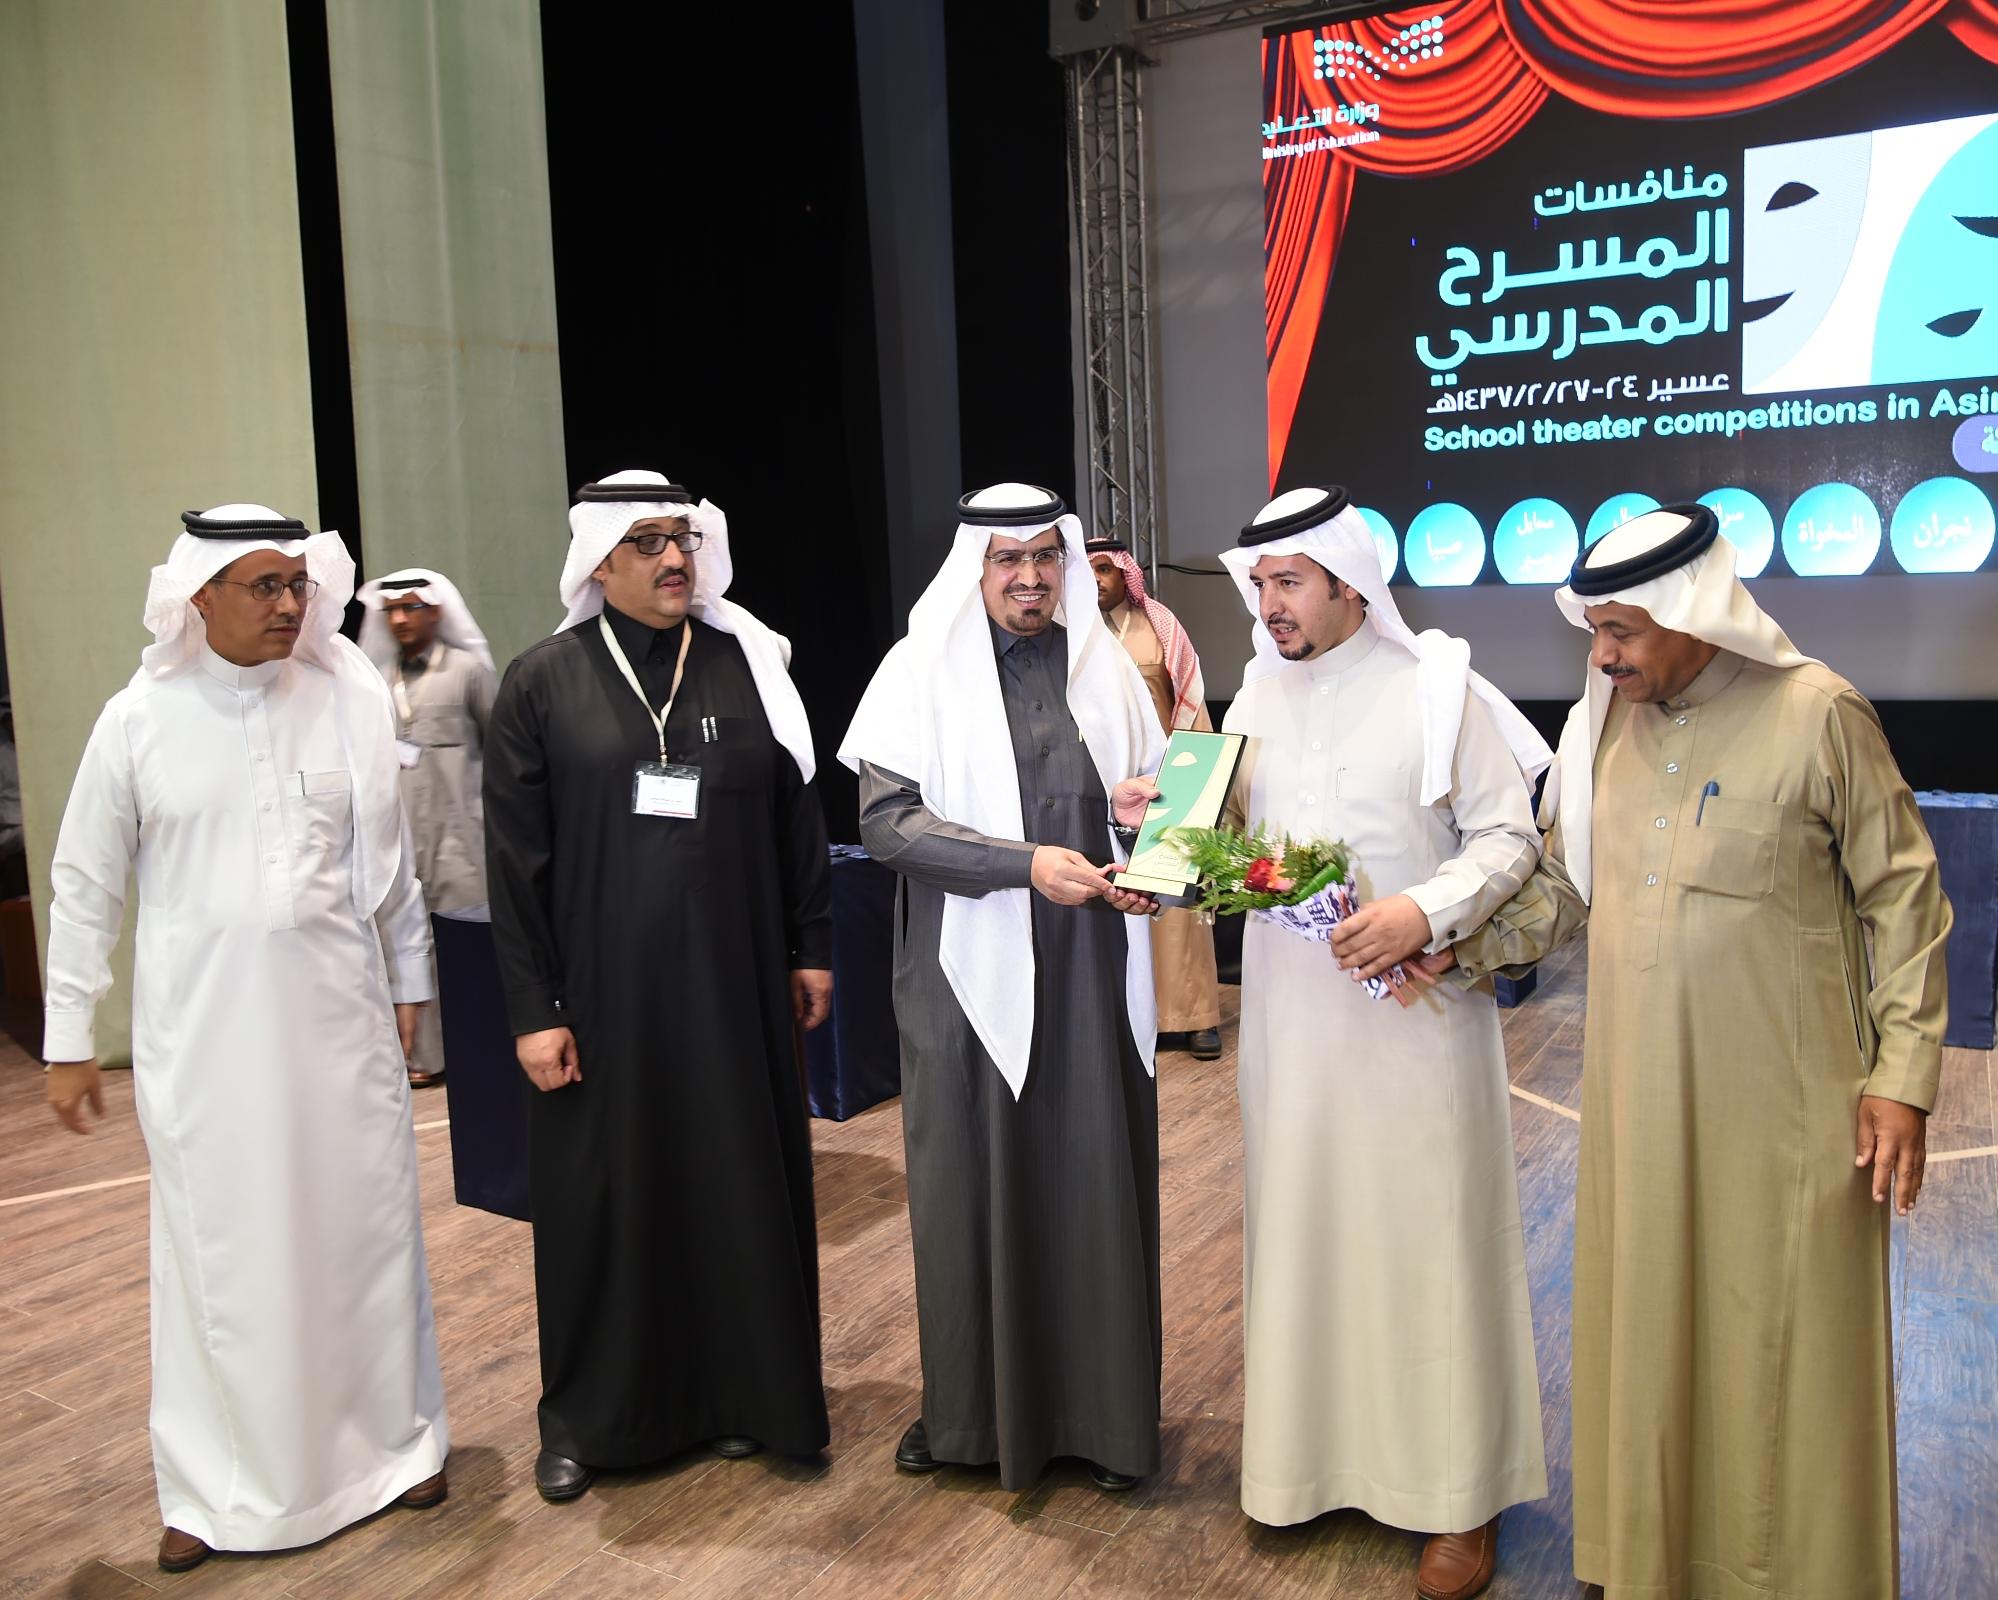 عروض مسرحية في انطلاق مهرجان المسرح المدرسي بعسير (8)